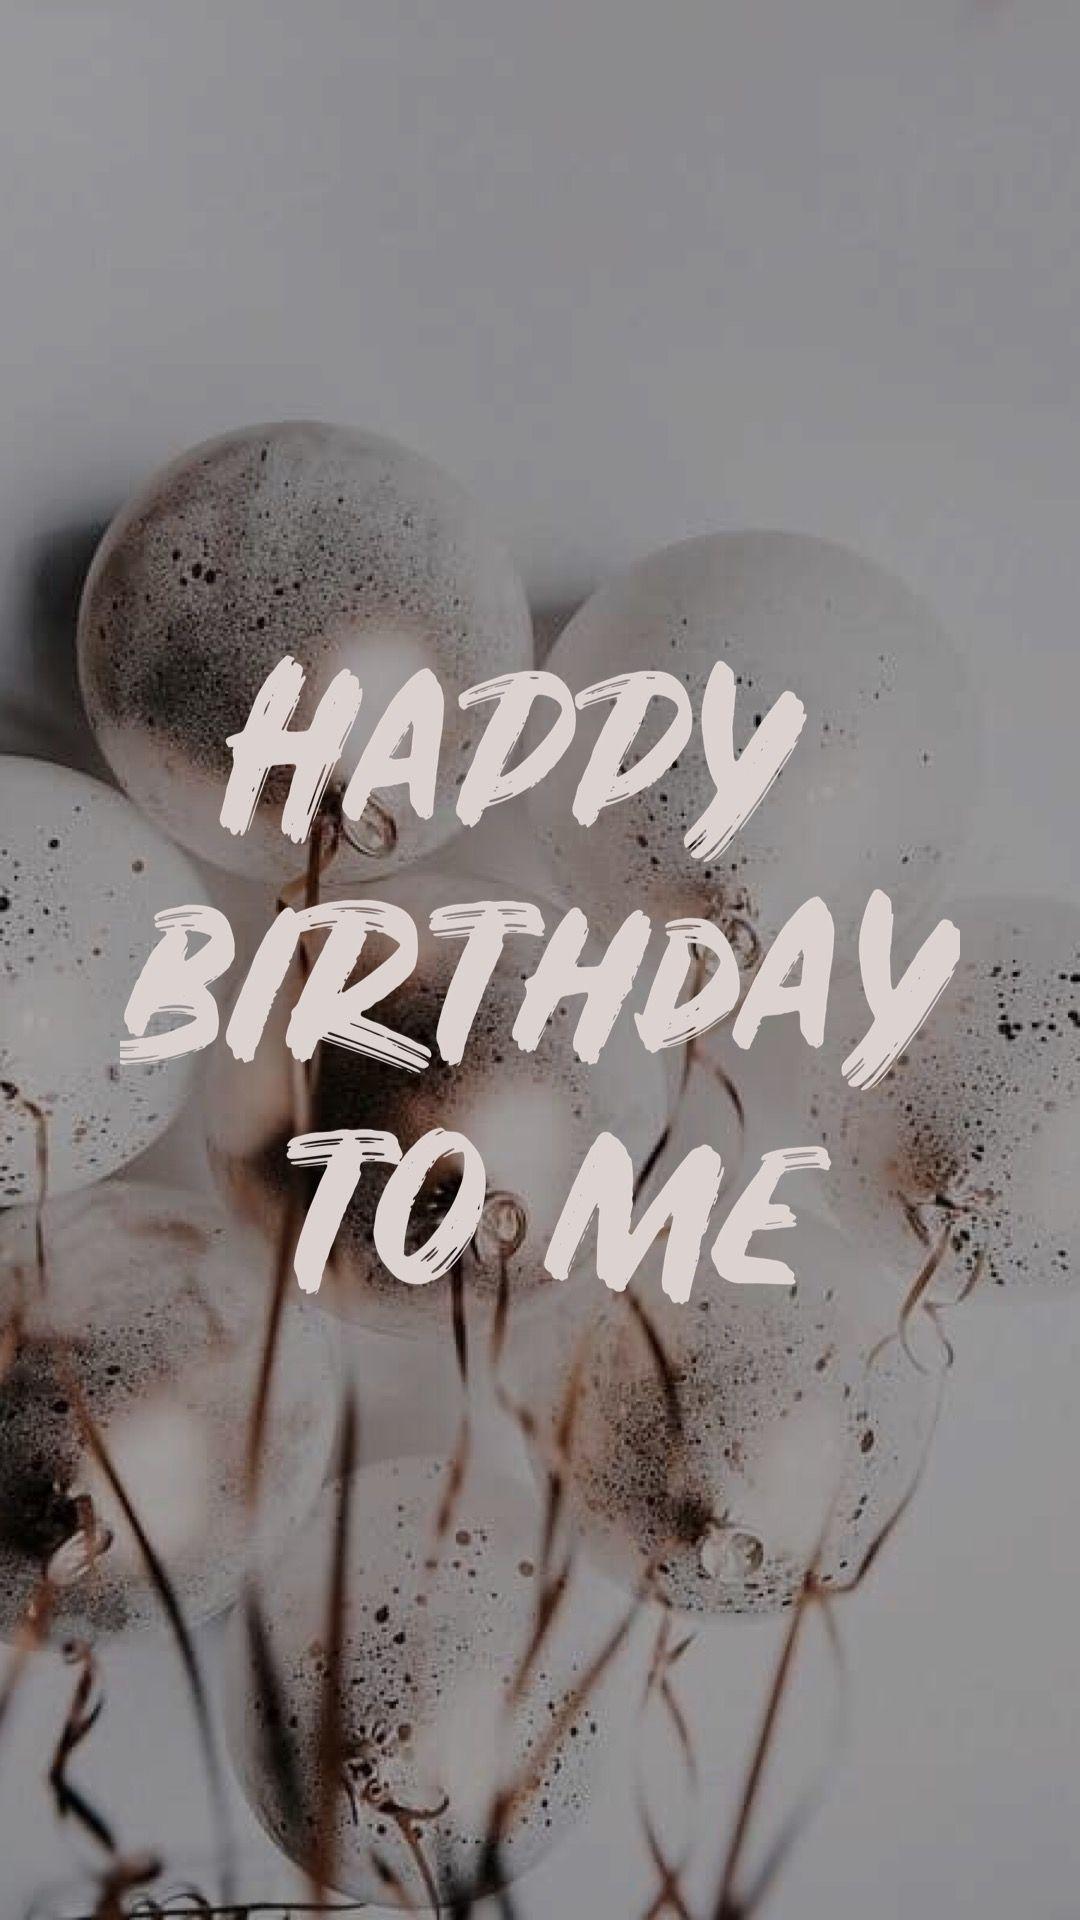 Neu Neu Birthday Imagenes Neu Happy Birthday Quotes Funny Happy Birthday Quotes For Friends Happy Birthday Quotes